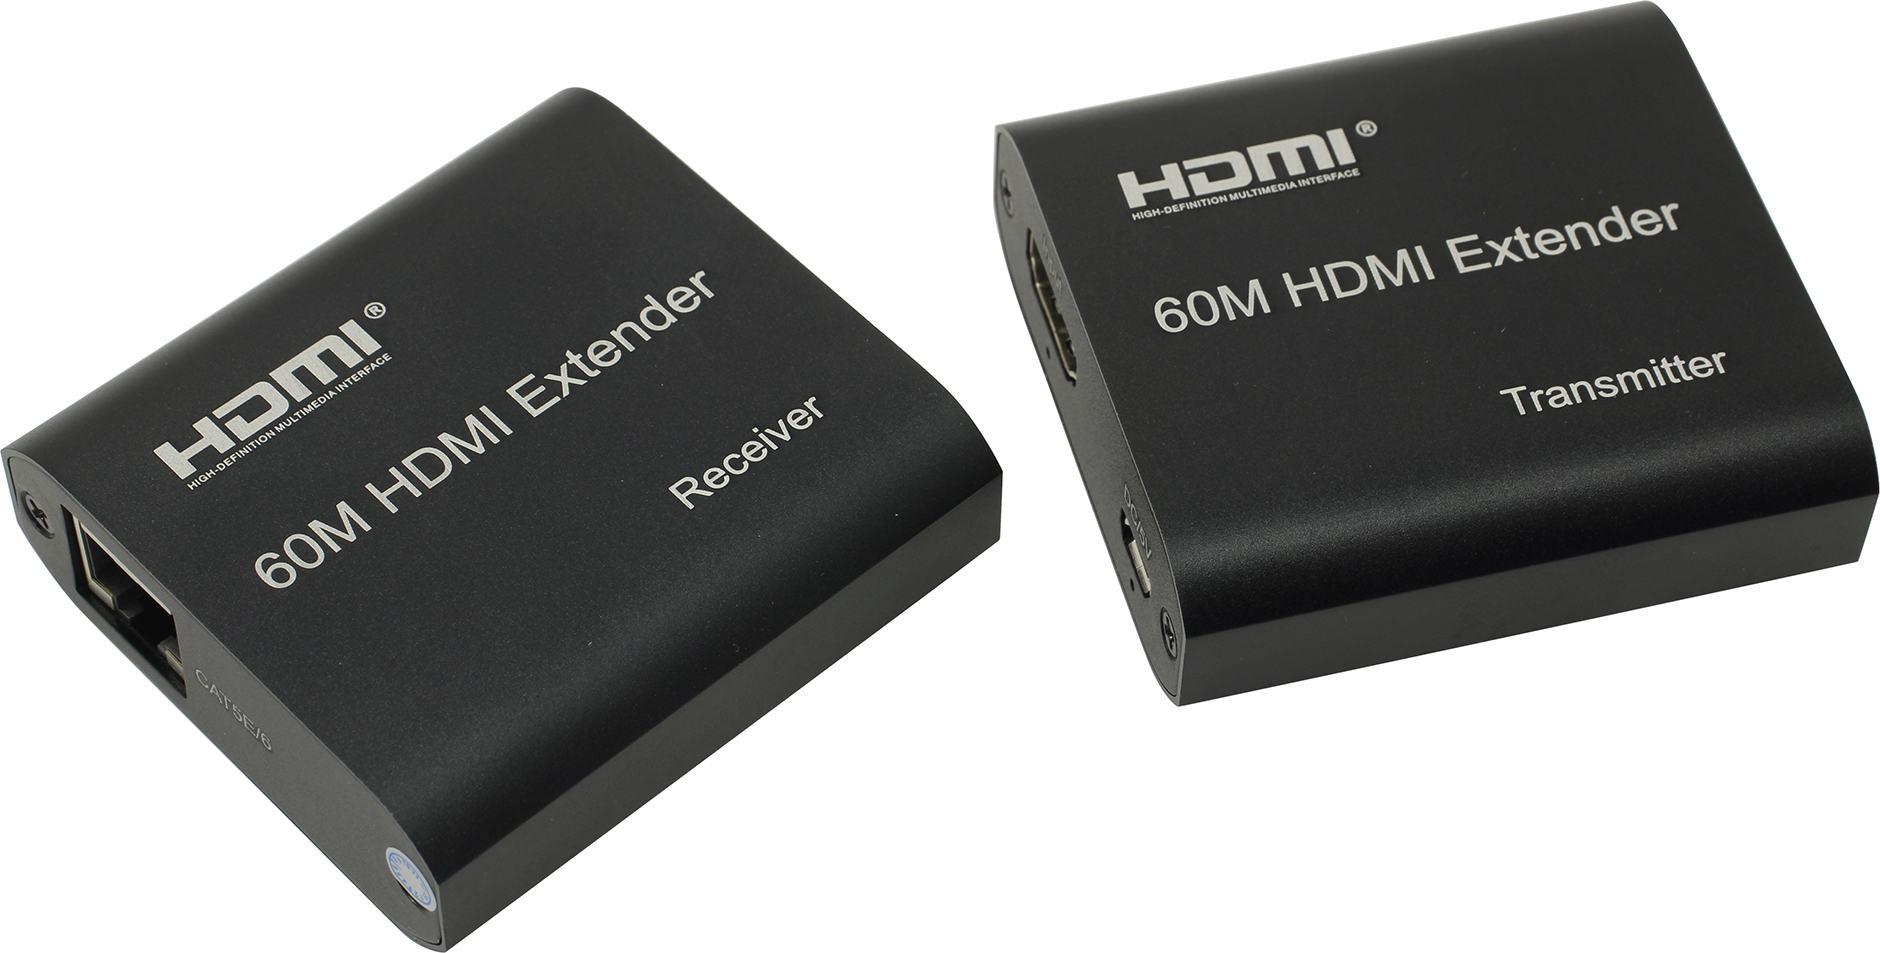 Удлинитель HDMI по «витой паре» Прочее [RPT-60] HDMI - HDMI